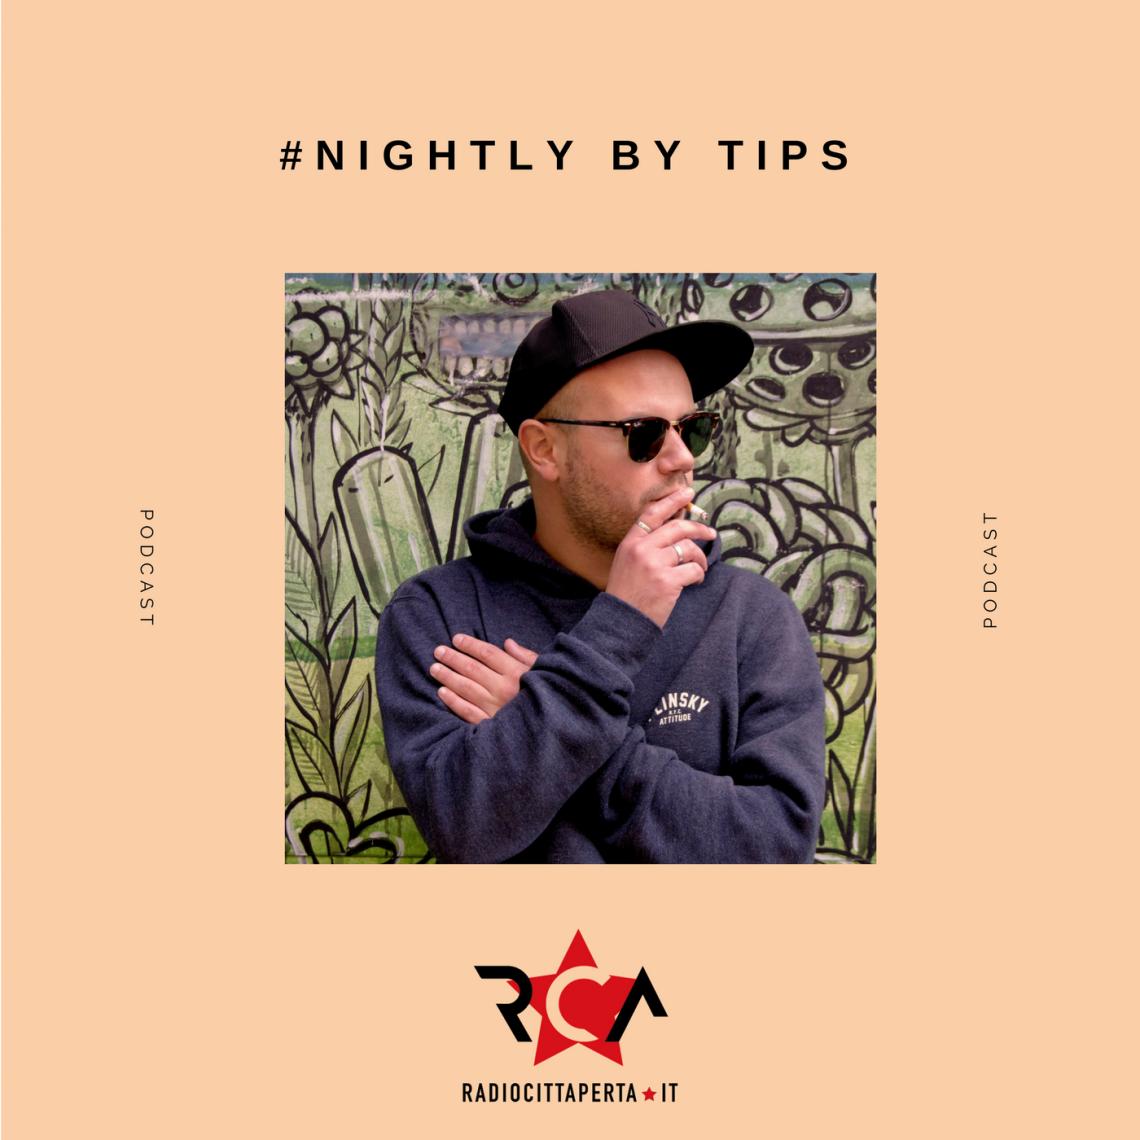 #NIGHTLY BY TIPS con ANT DE OTO del 07-01-2018